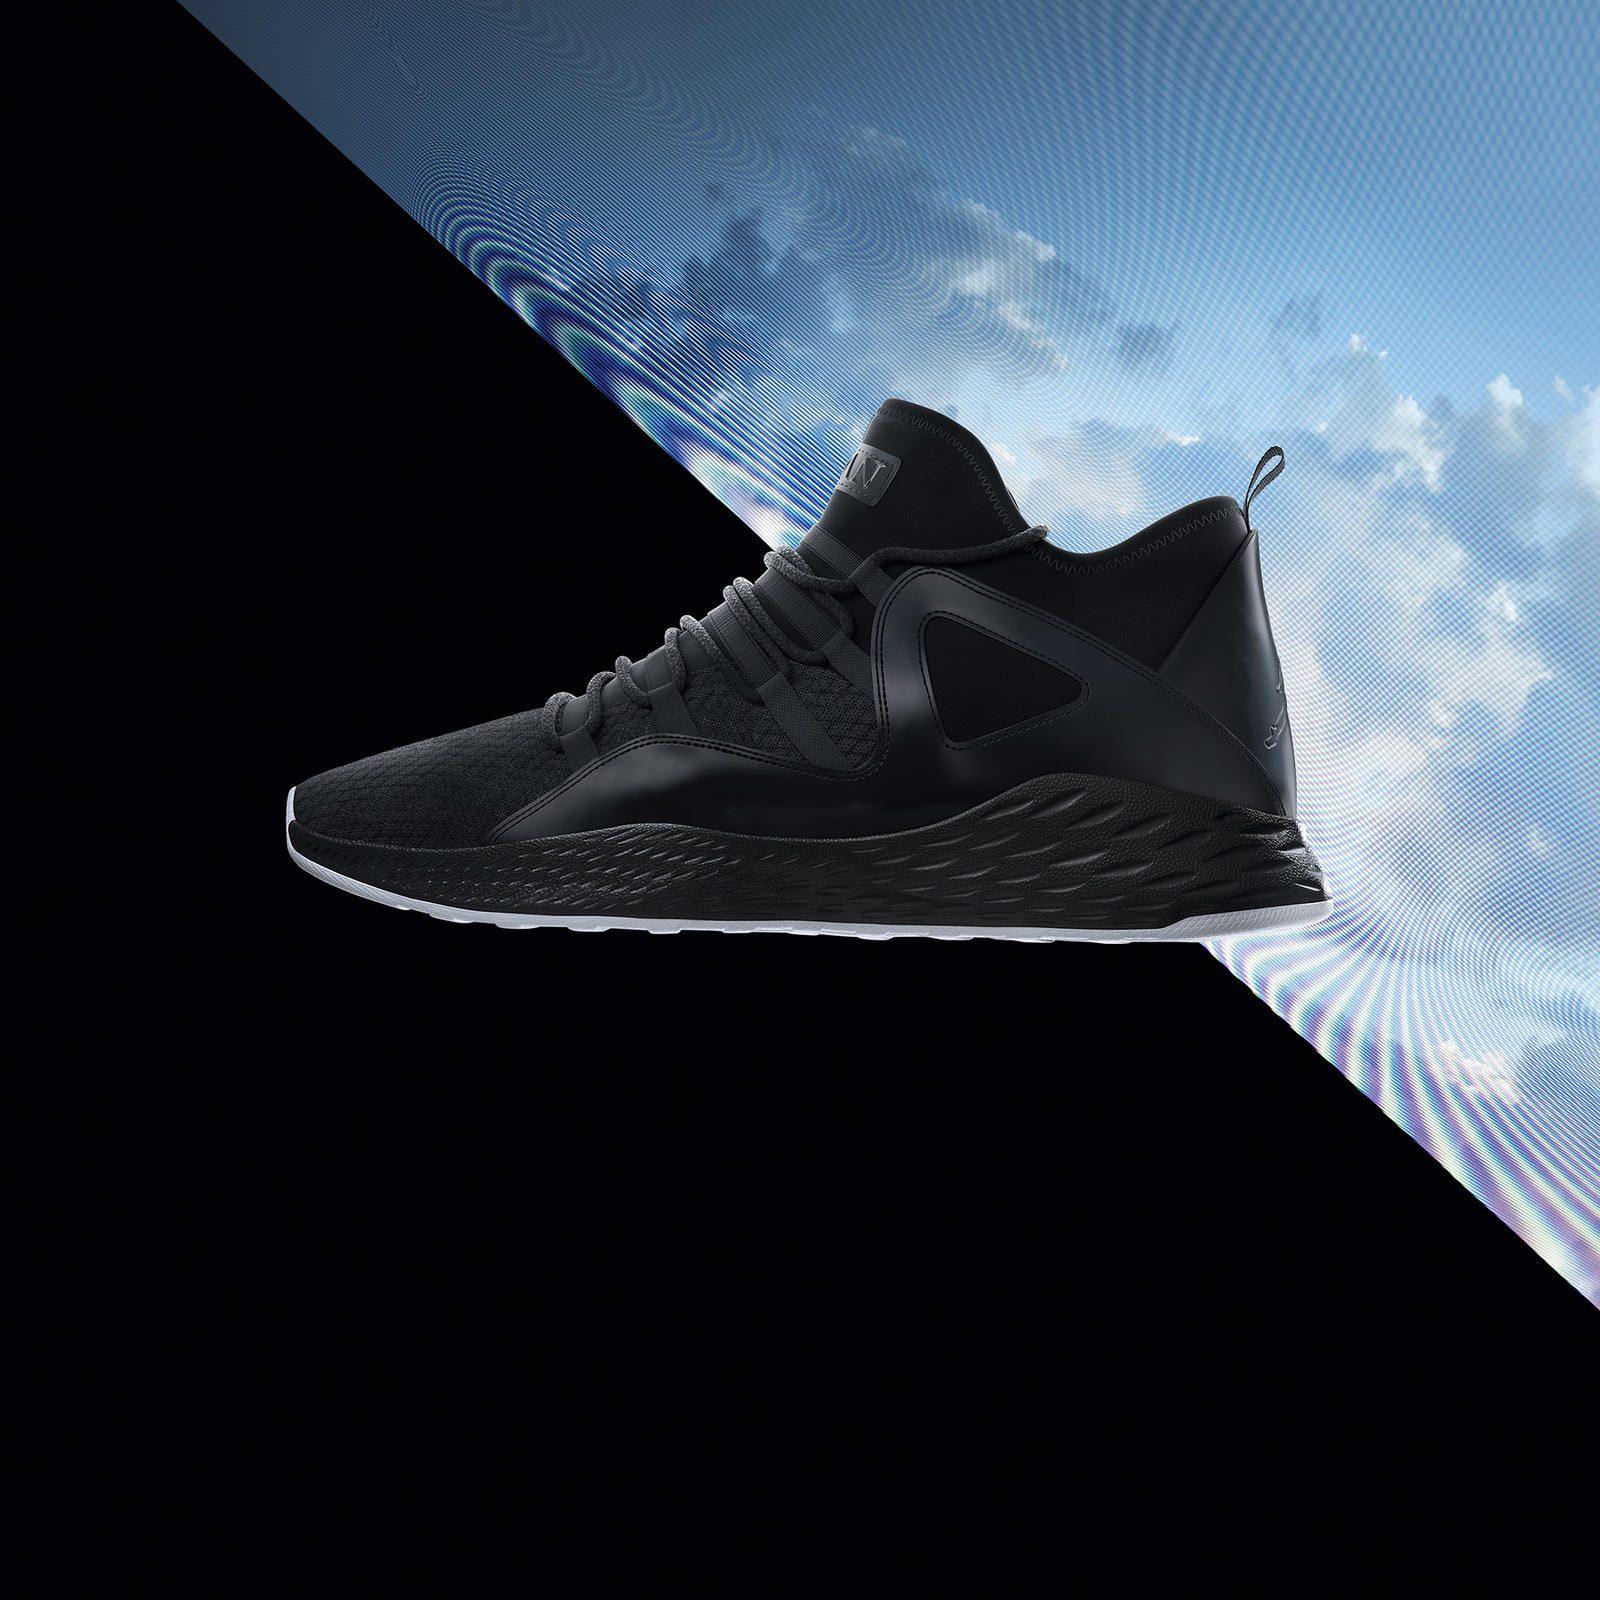 Jordan Brand Introduces the Formula 23-4